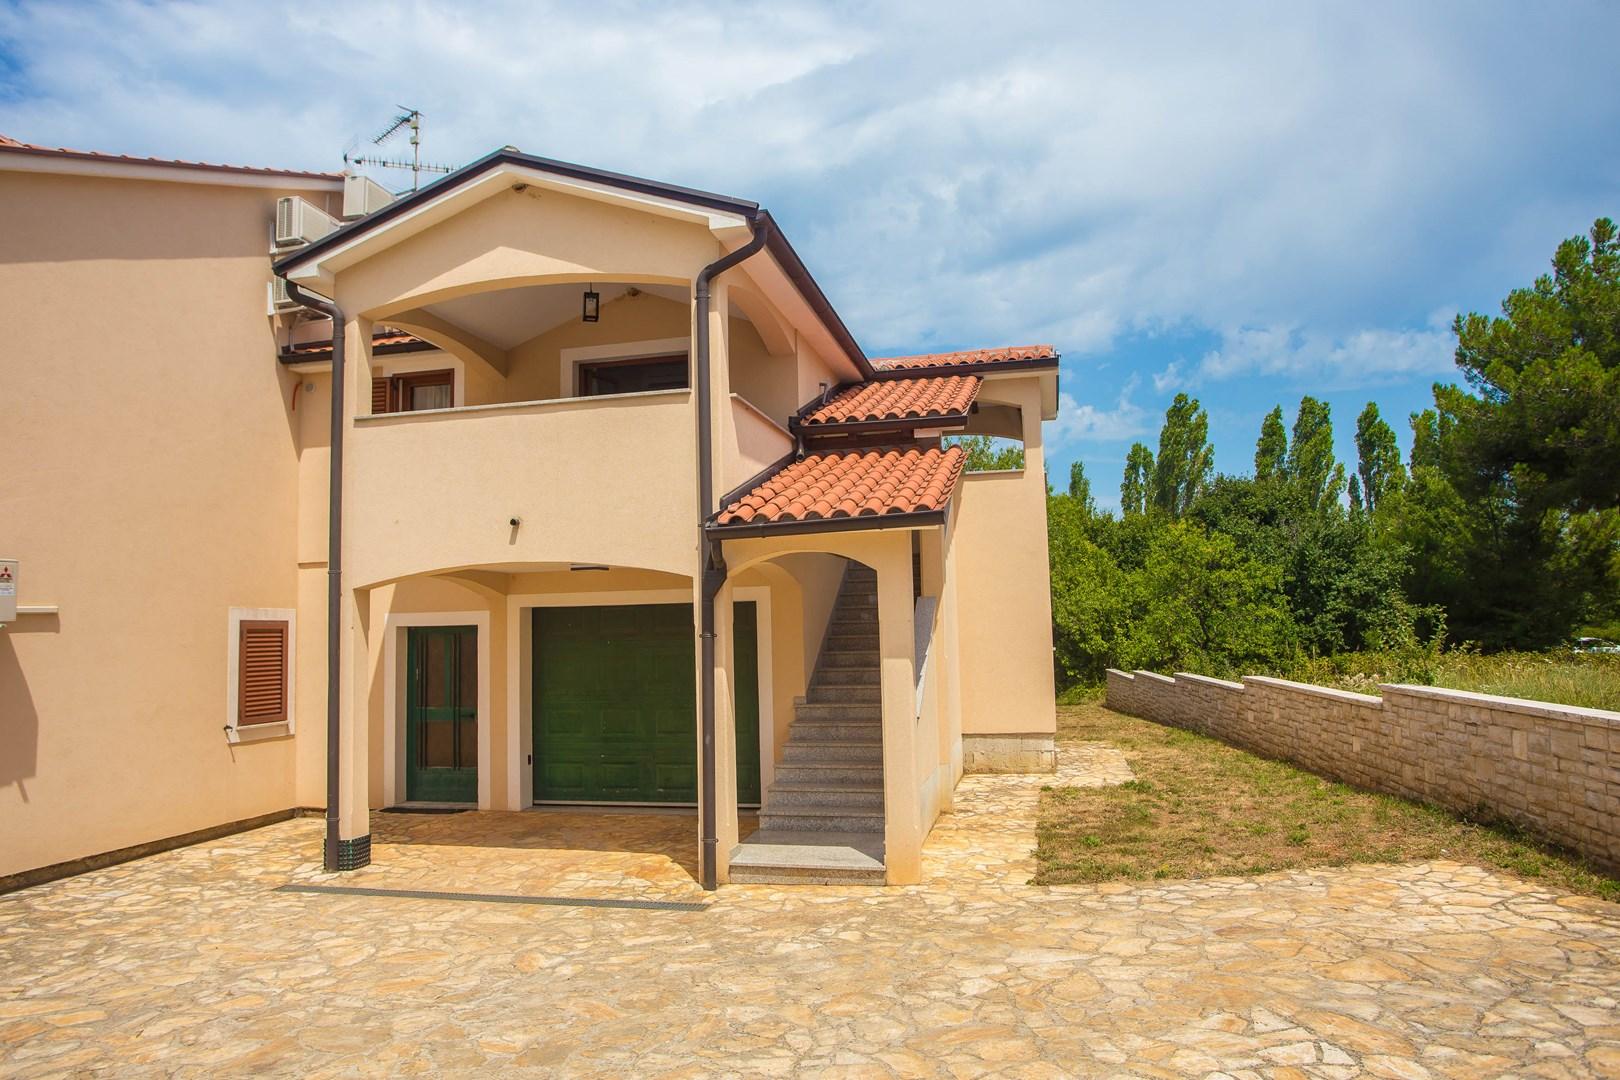 Ferienwohnung Apartment Stanko II mit 1 Schlafzimmer und Balkon (2281012), Vrvari, , Istrien, Kroatien, Bild 29